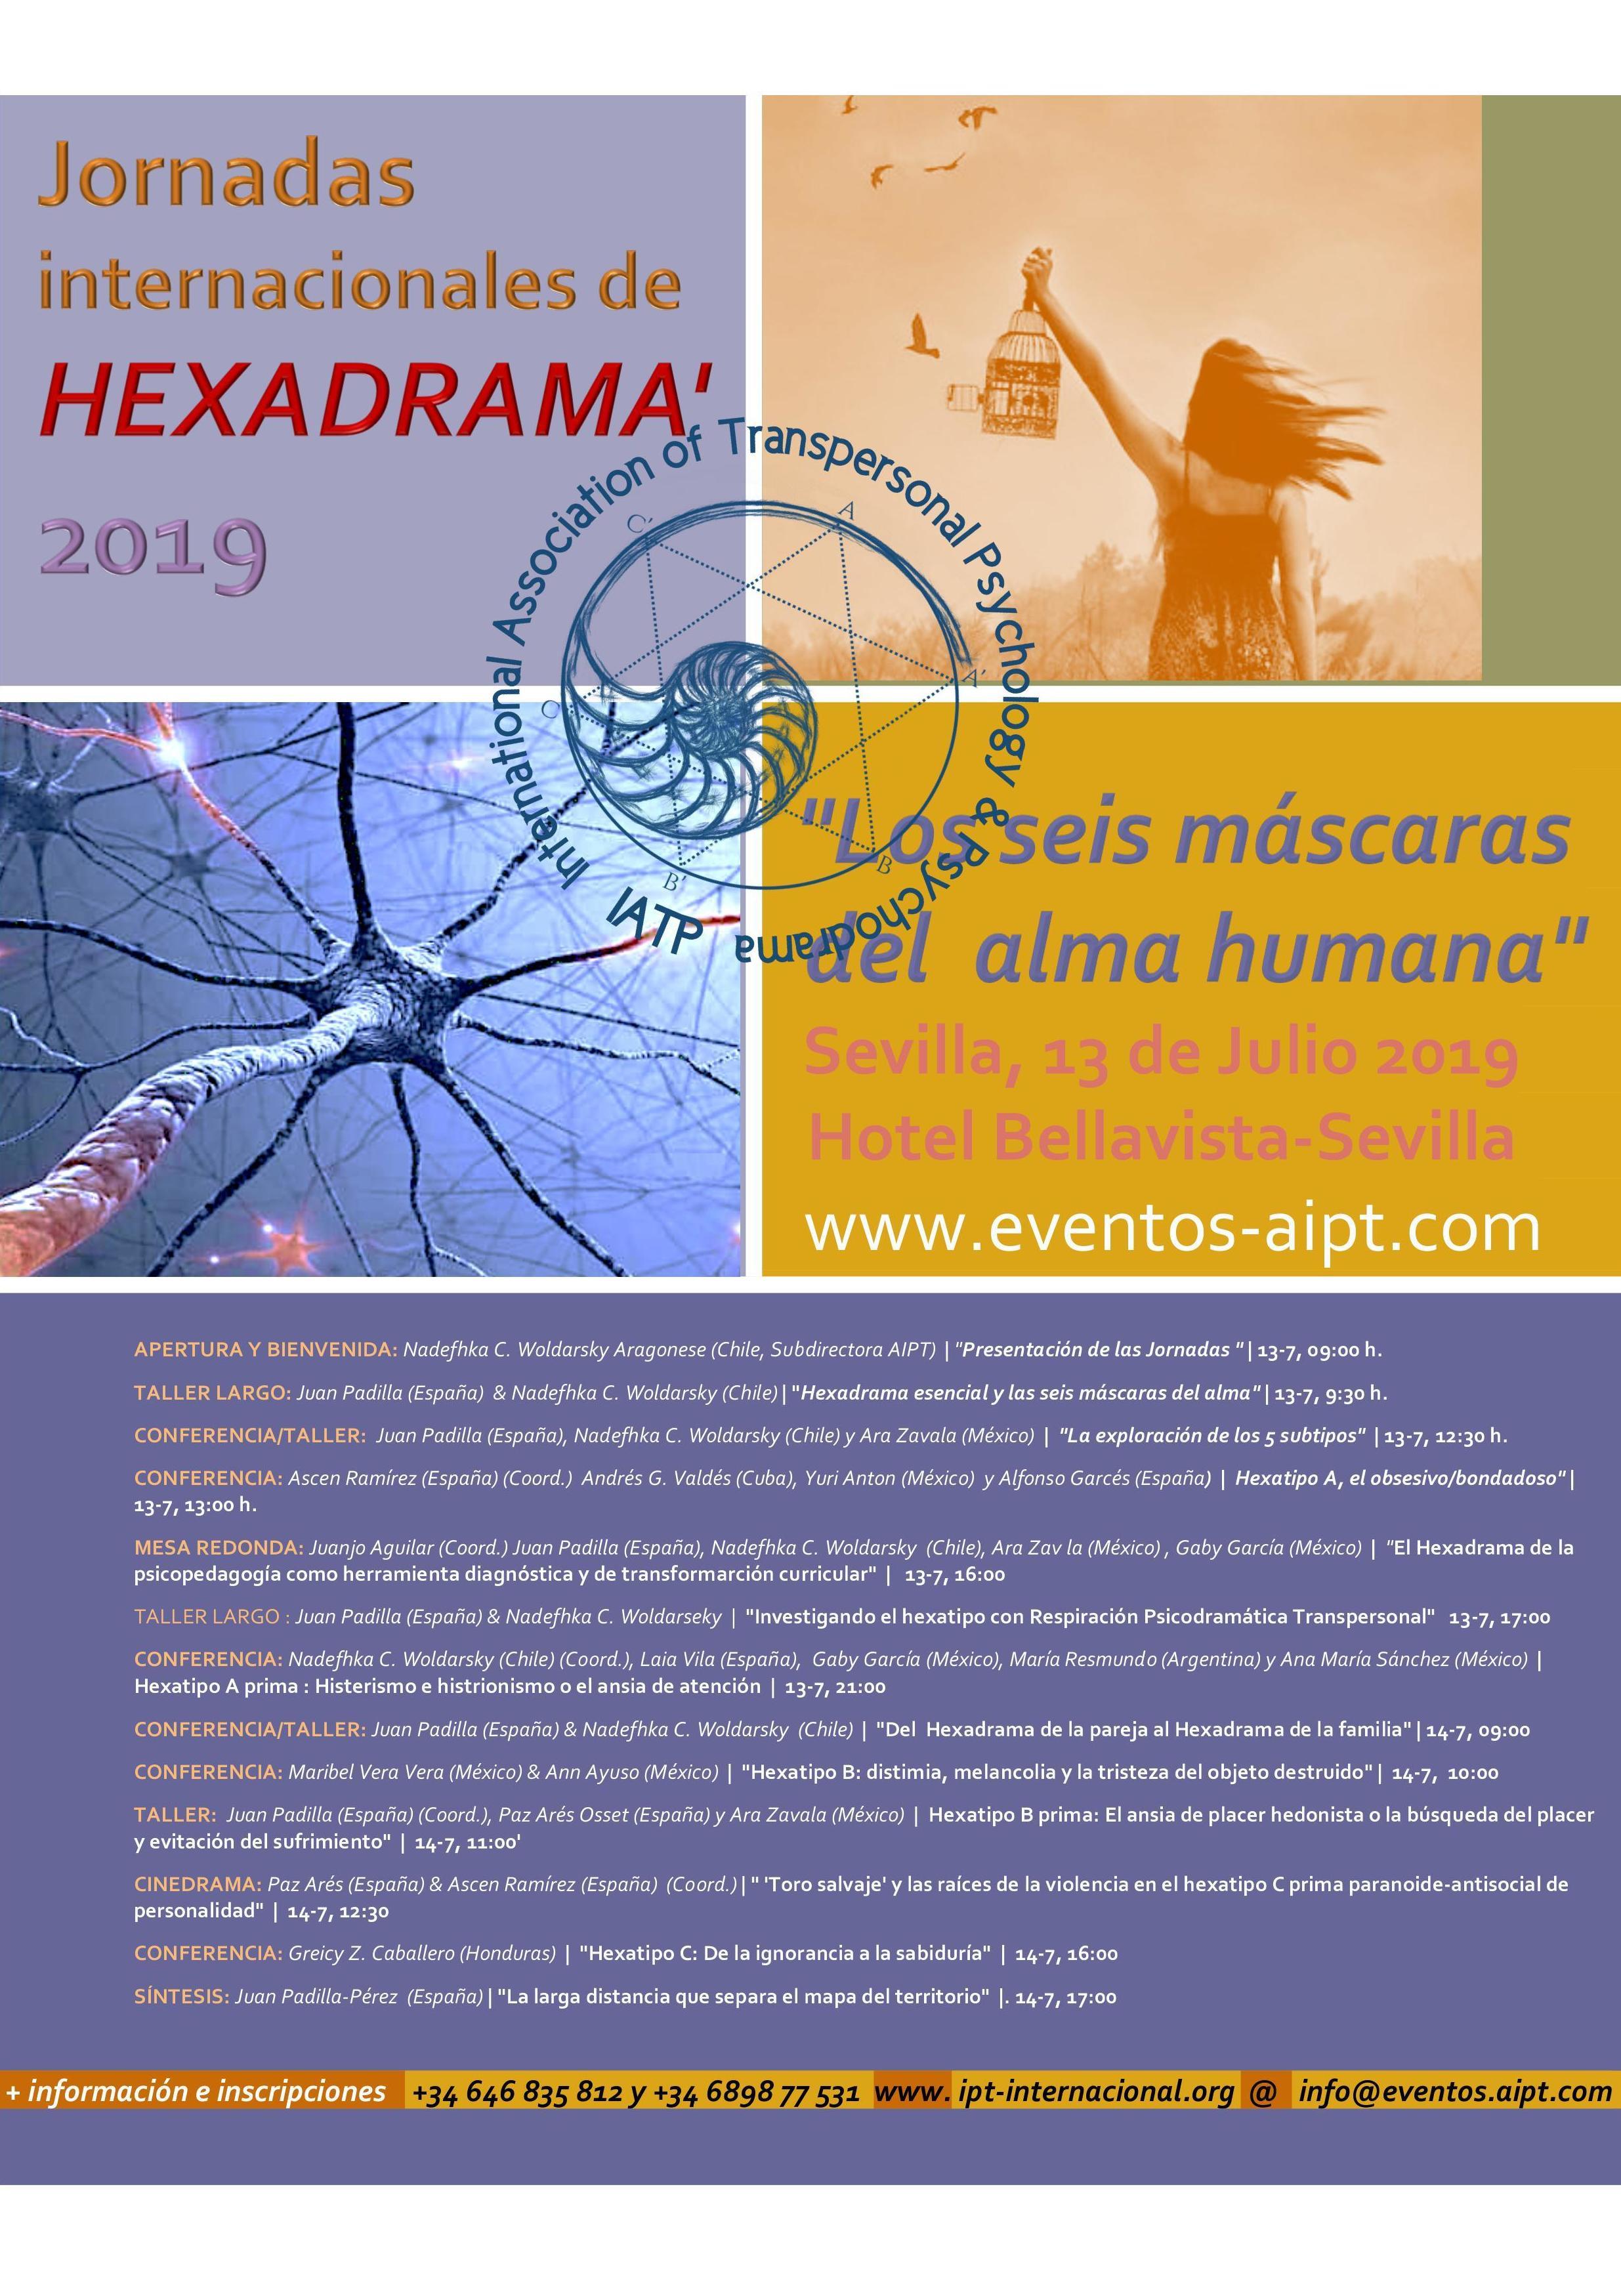 Jornadas Internacionales Hexadrama